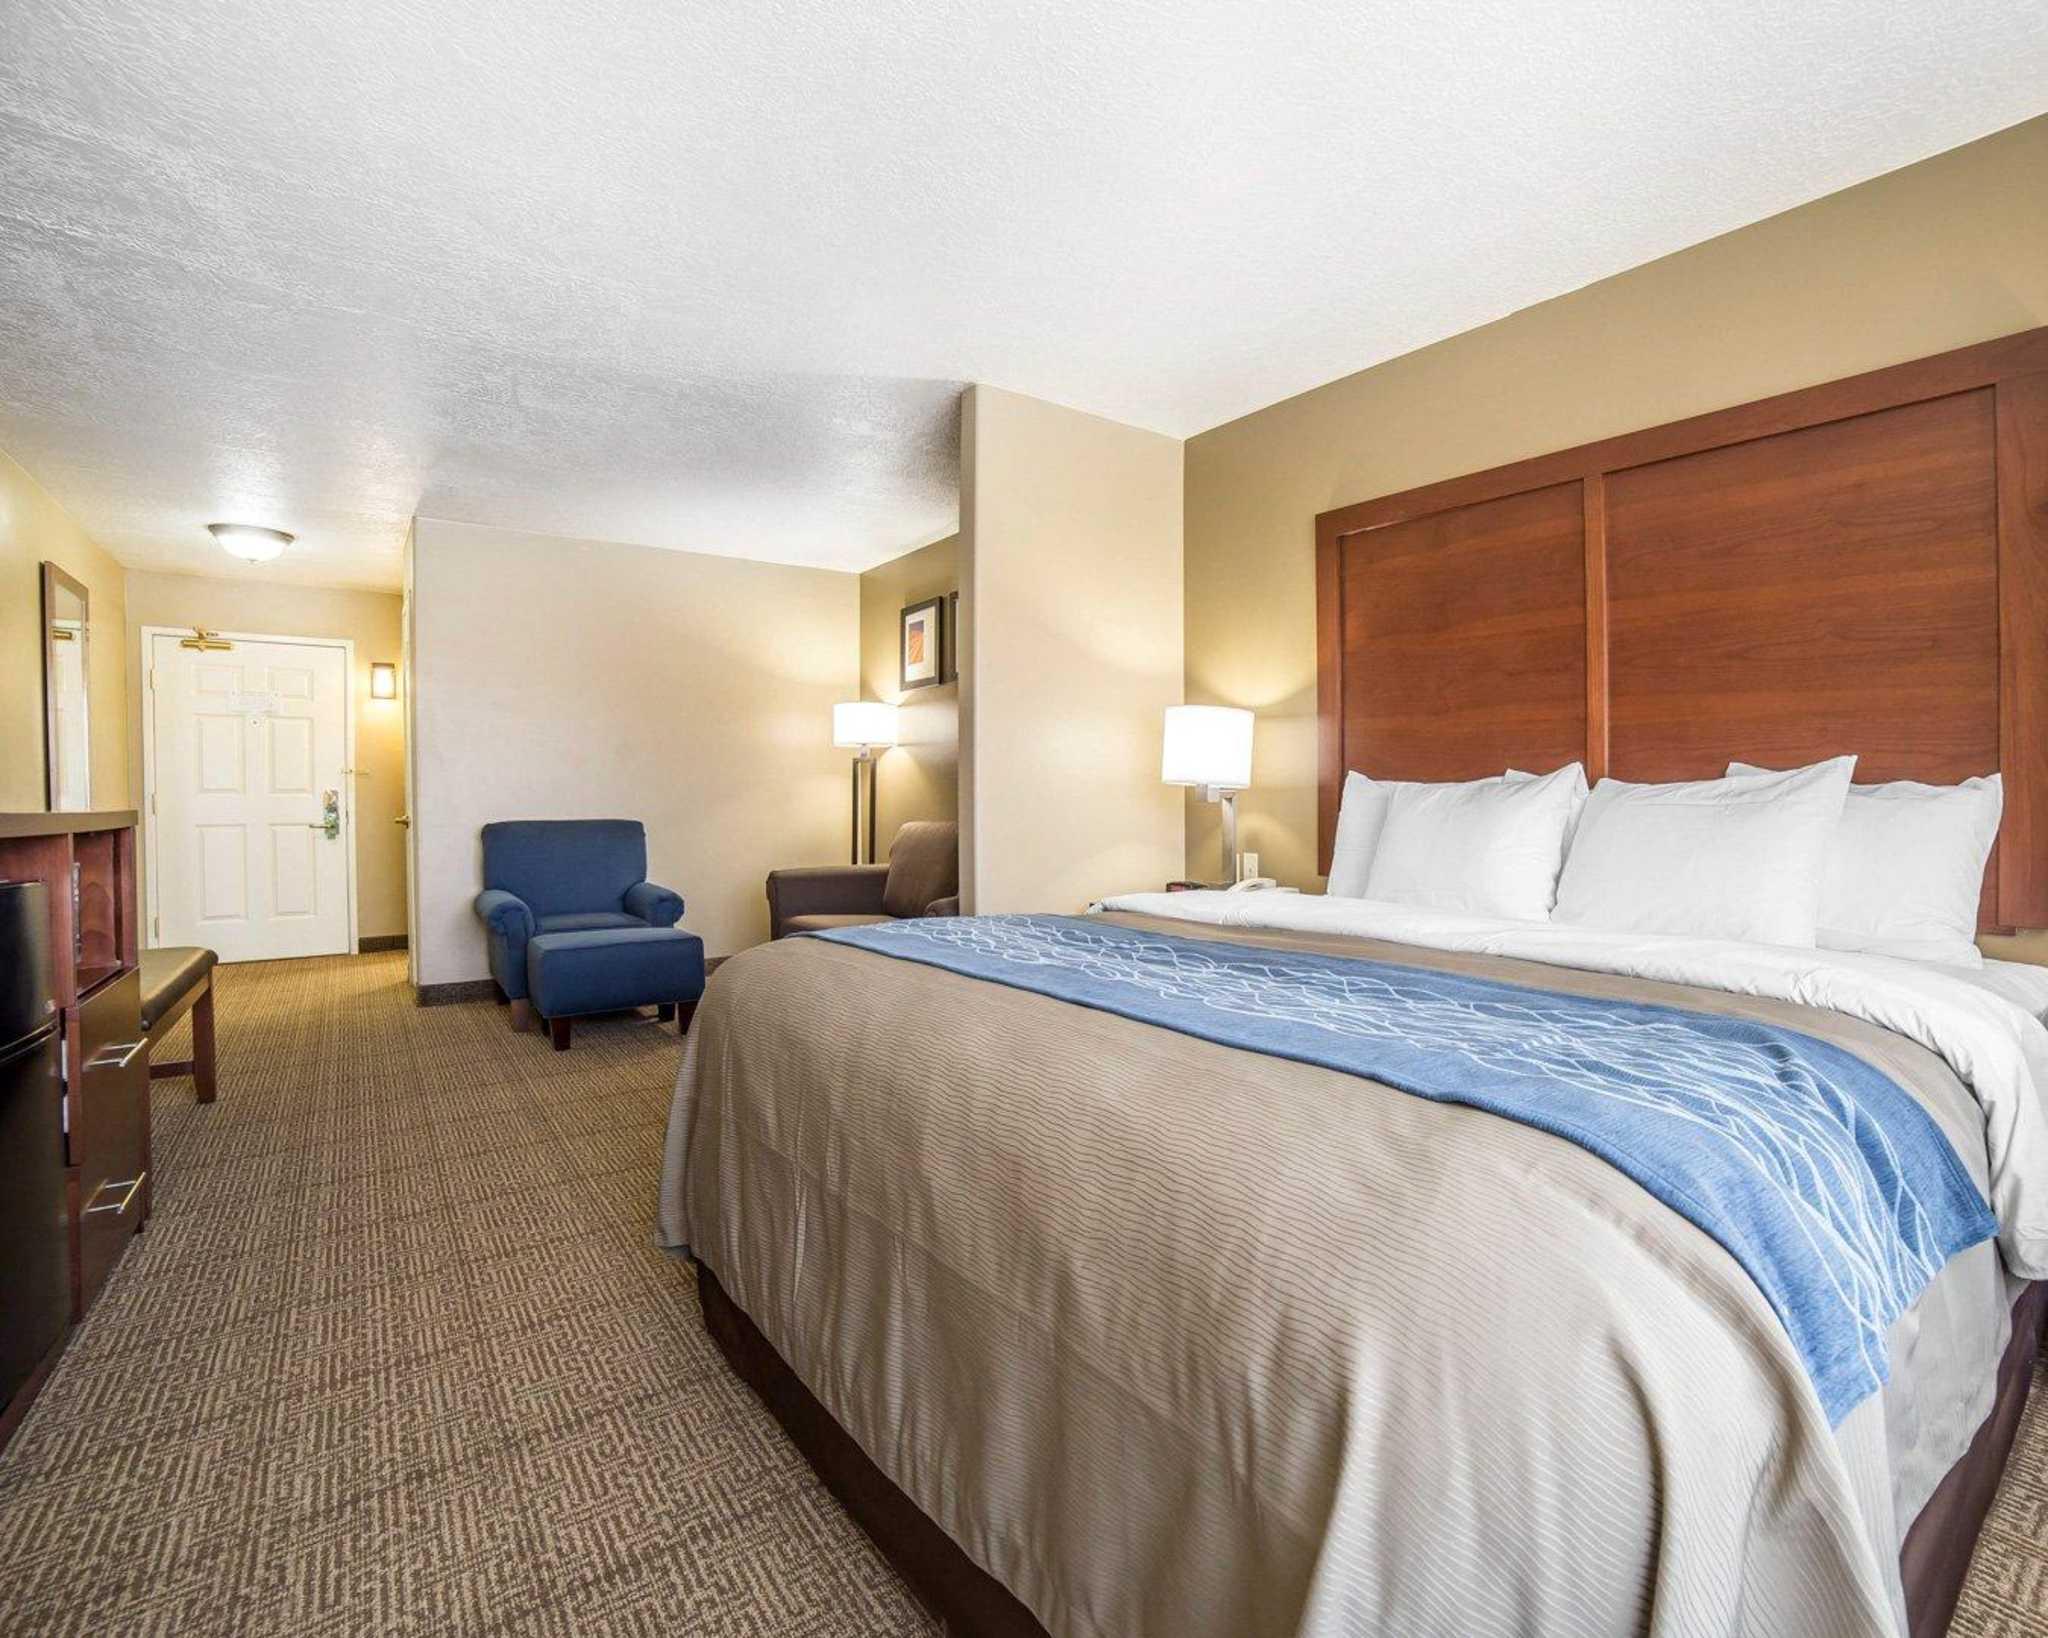 Comfort Inn Saint George North image 19